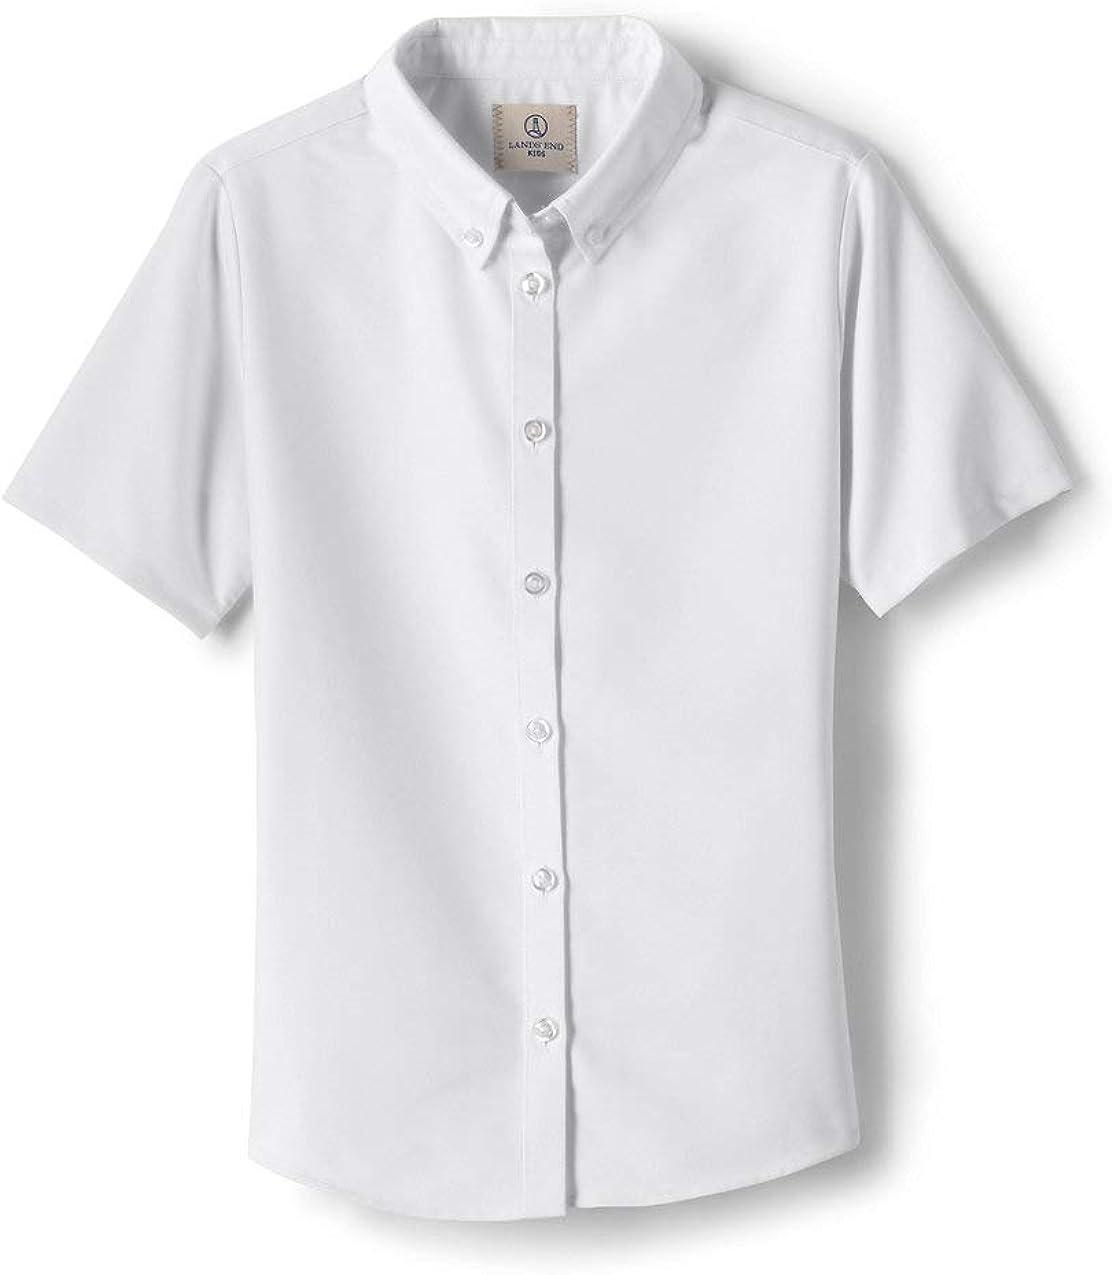 Lands' End School Uniform Little Girls Short Sleeve Oxford Dress Shirt: Clothing